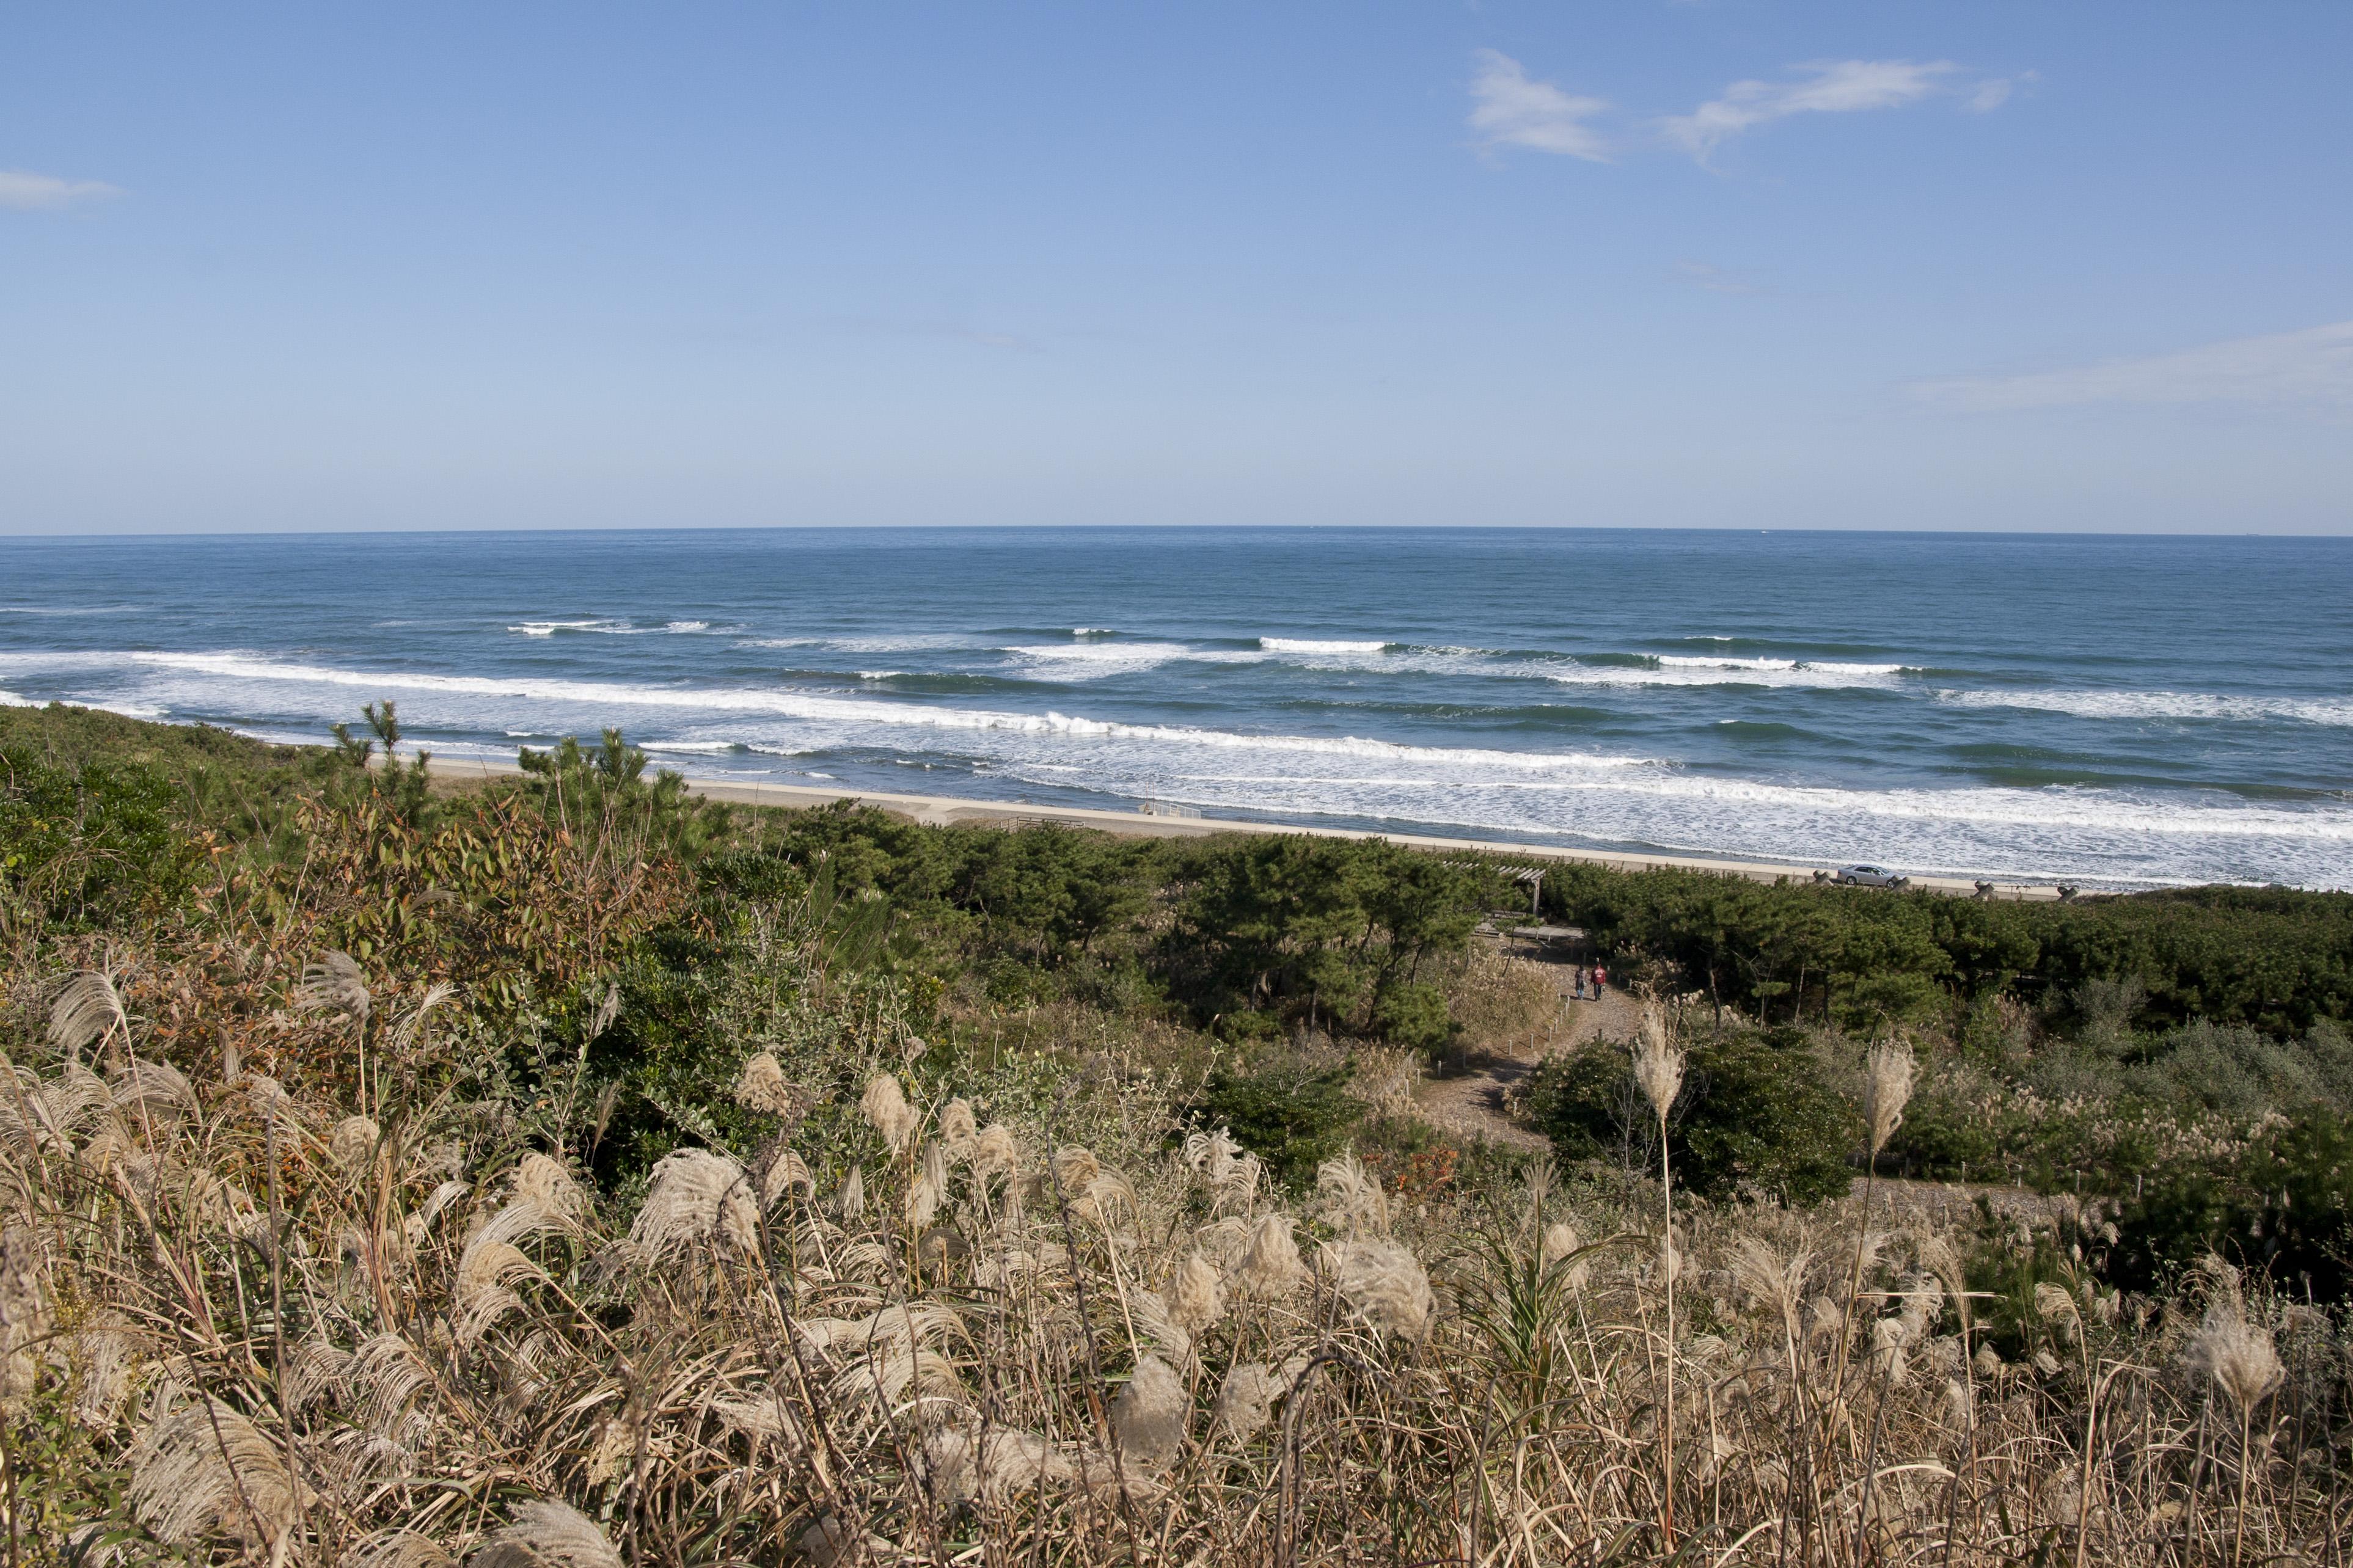 File:Otake Coast 14.jpg - Wikimedia Commons